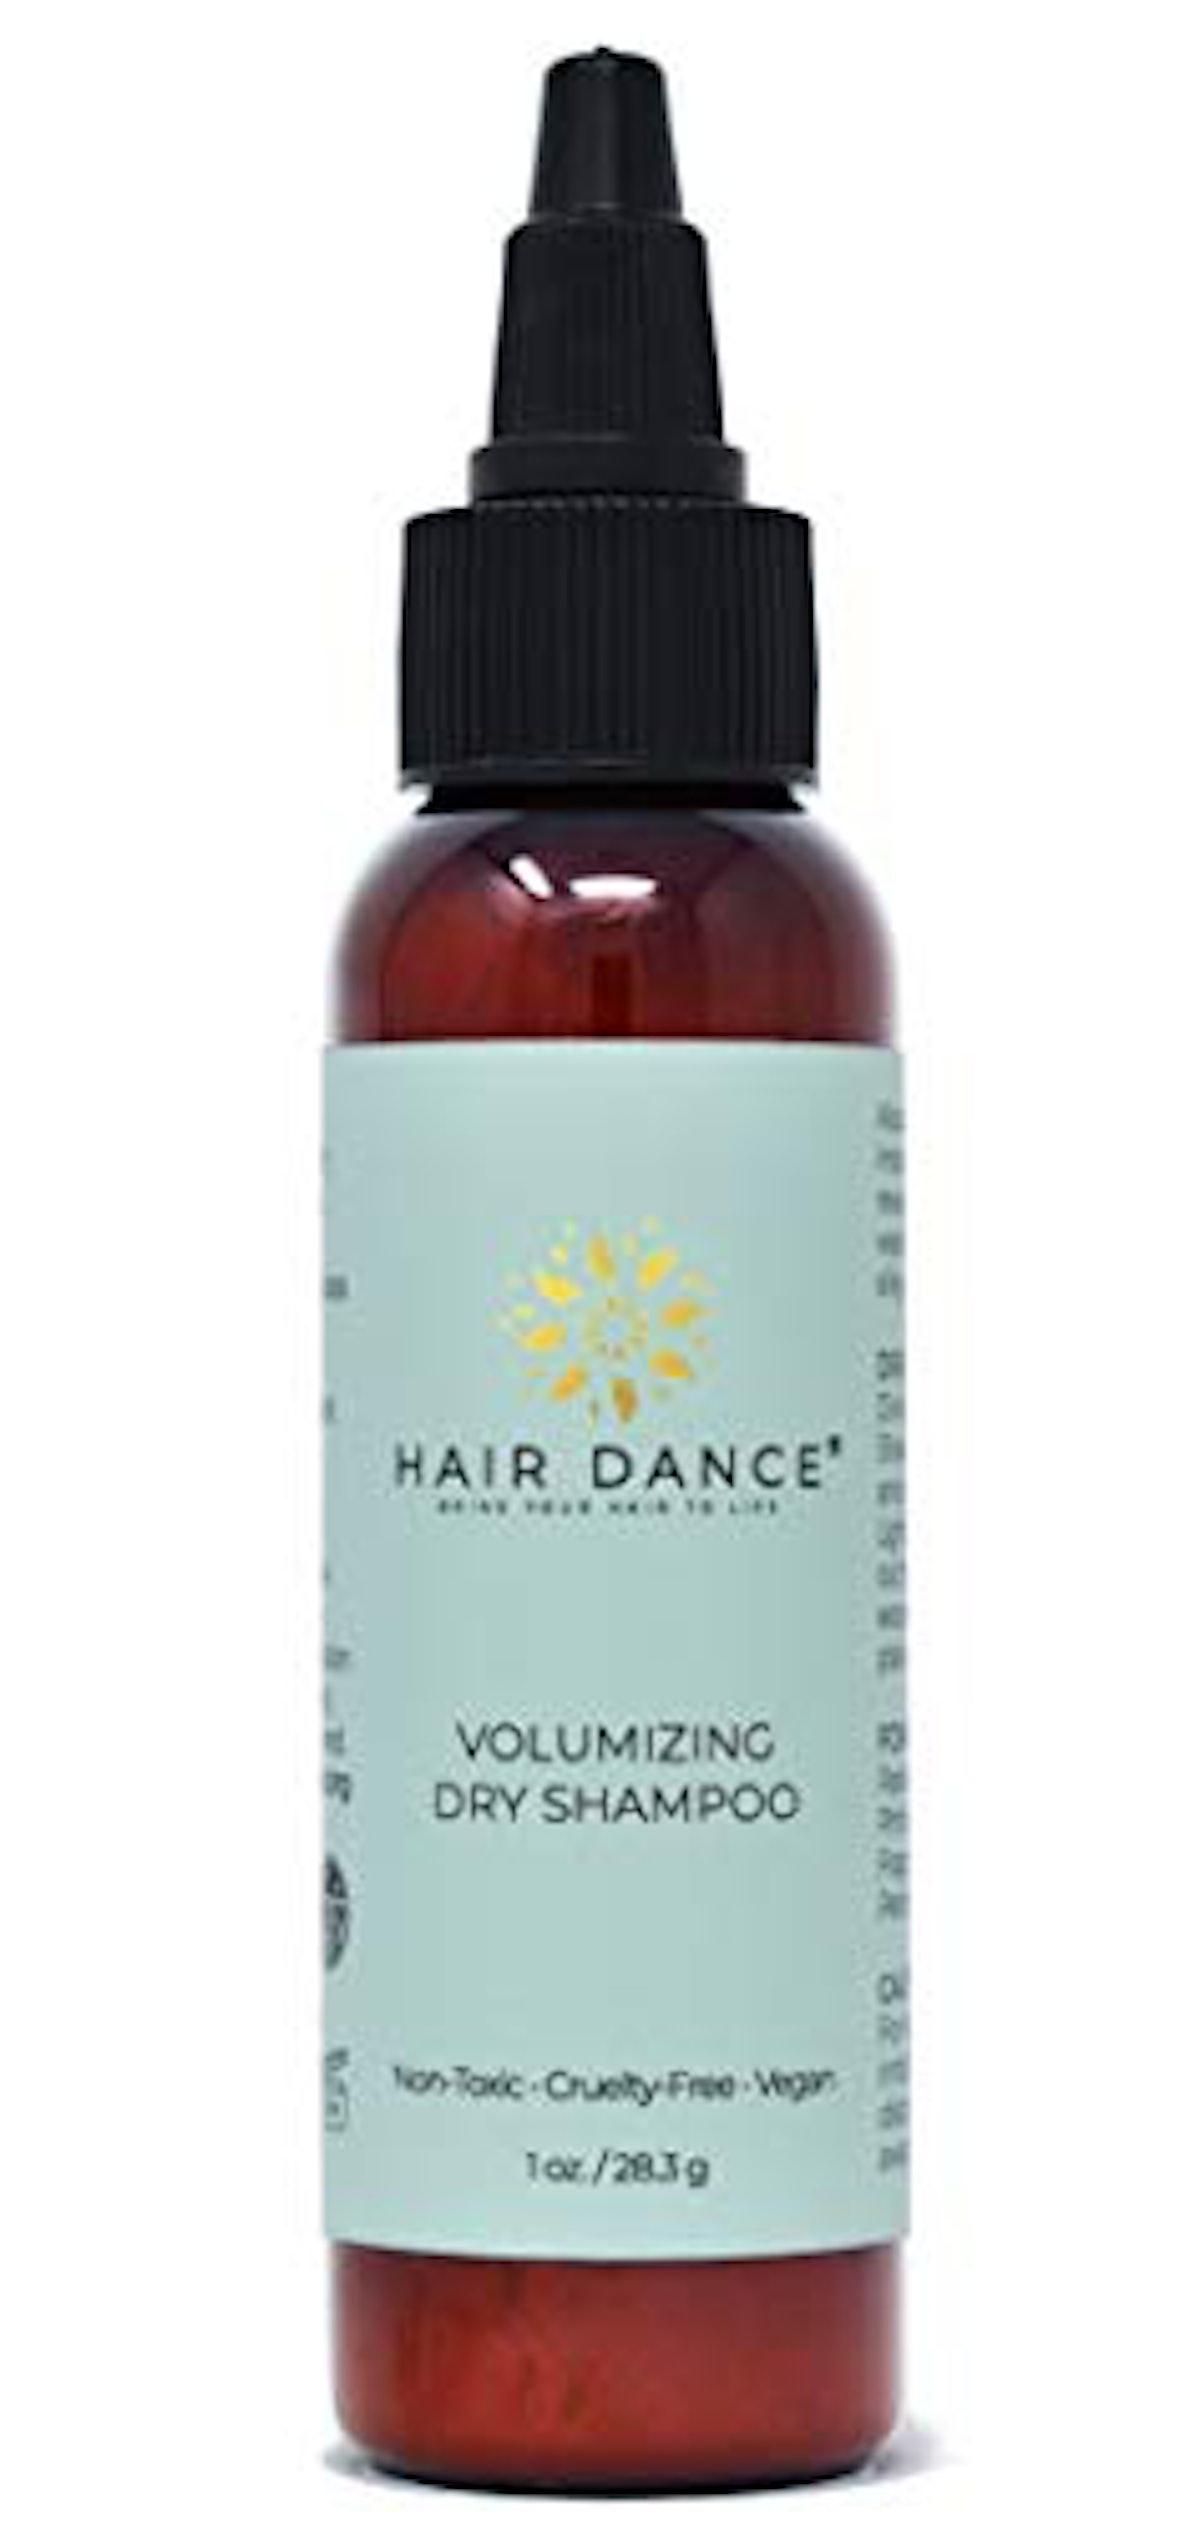 Hair Dance  Dry Shampoo Volume Powder